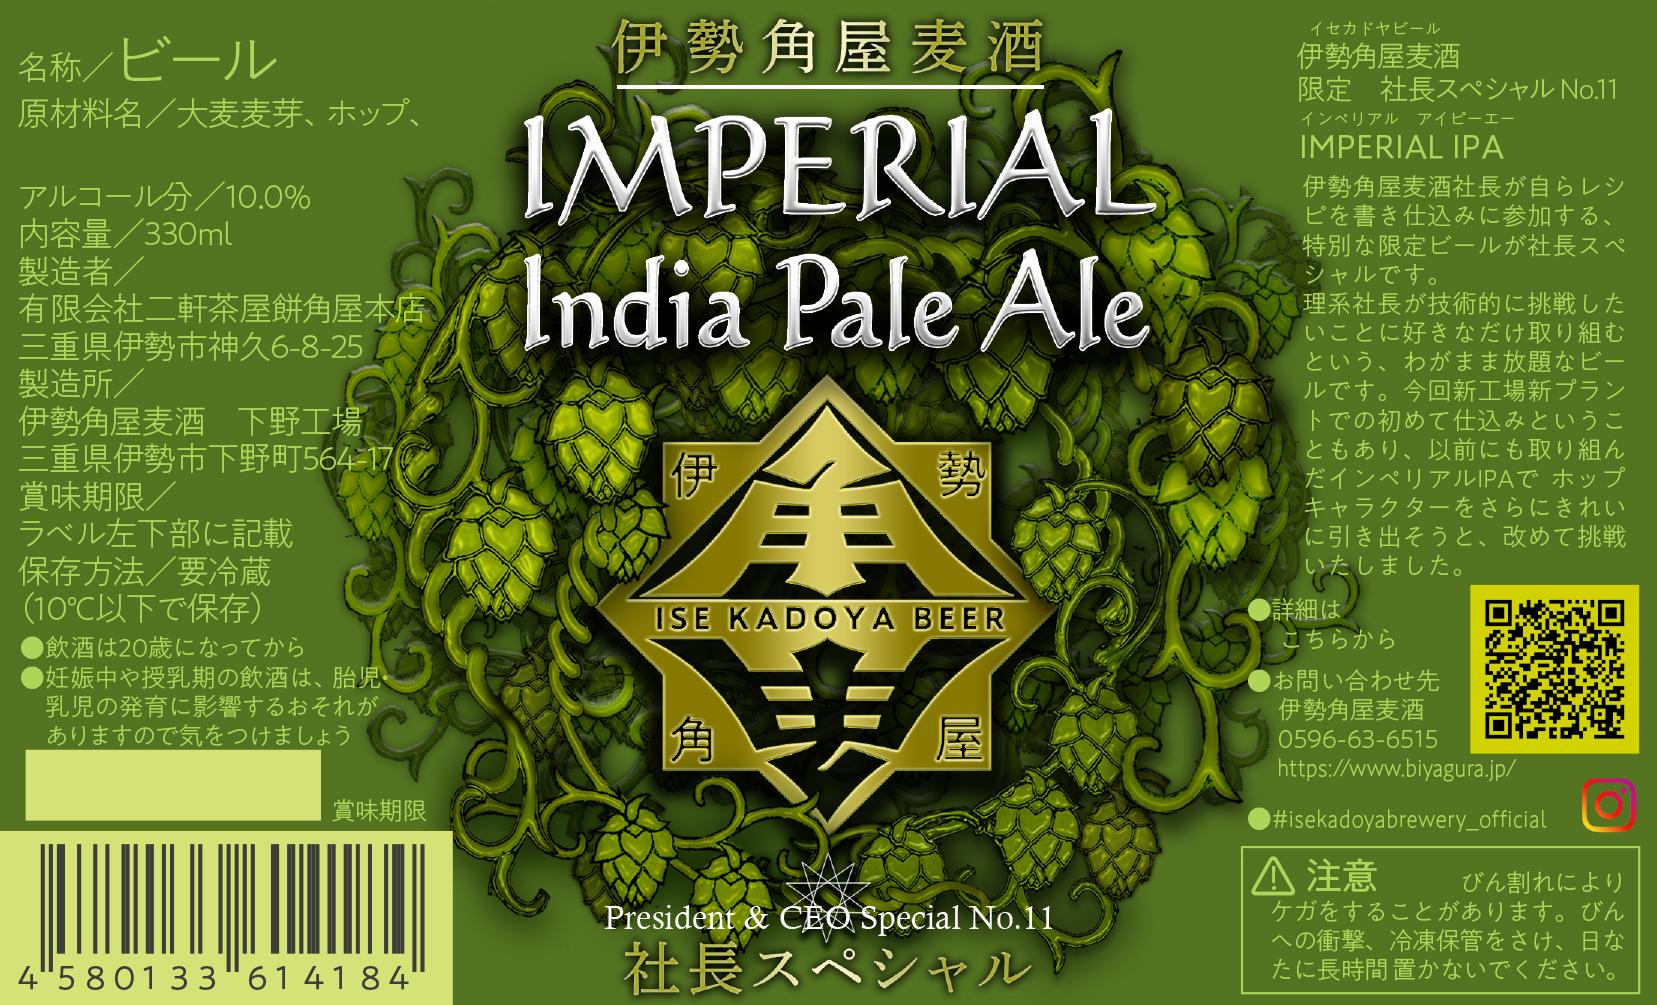 社長 Special Imperial IPA